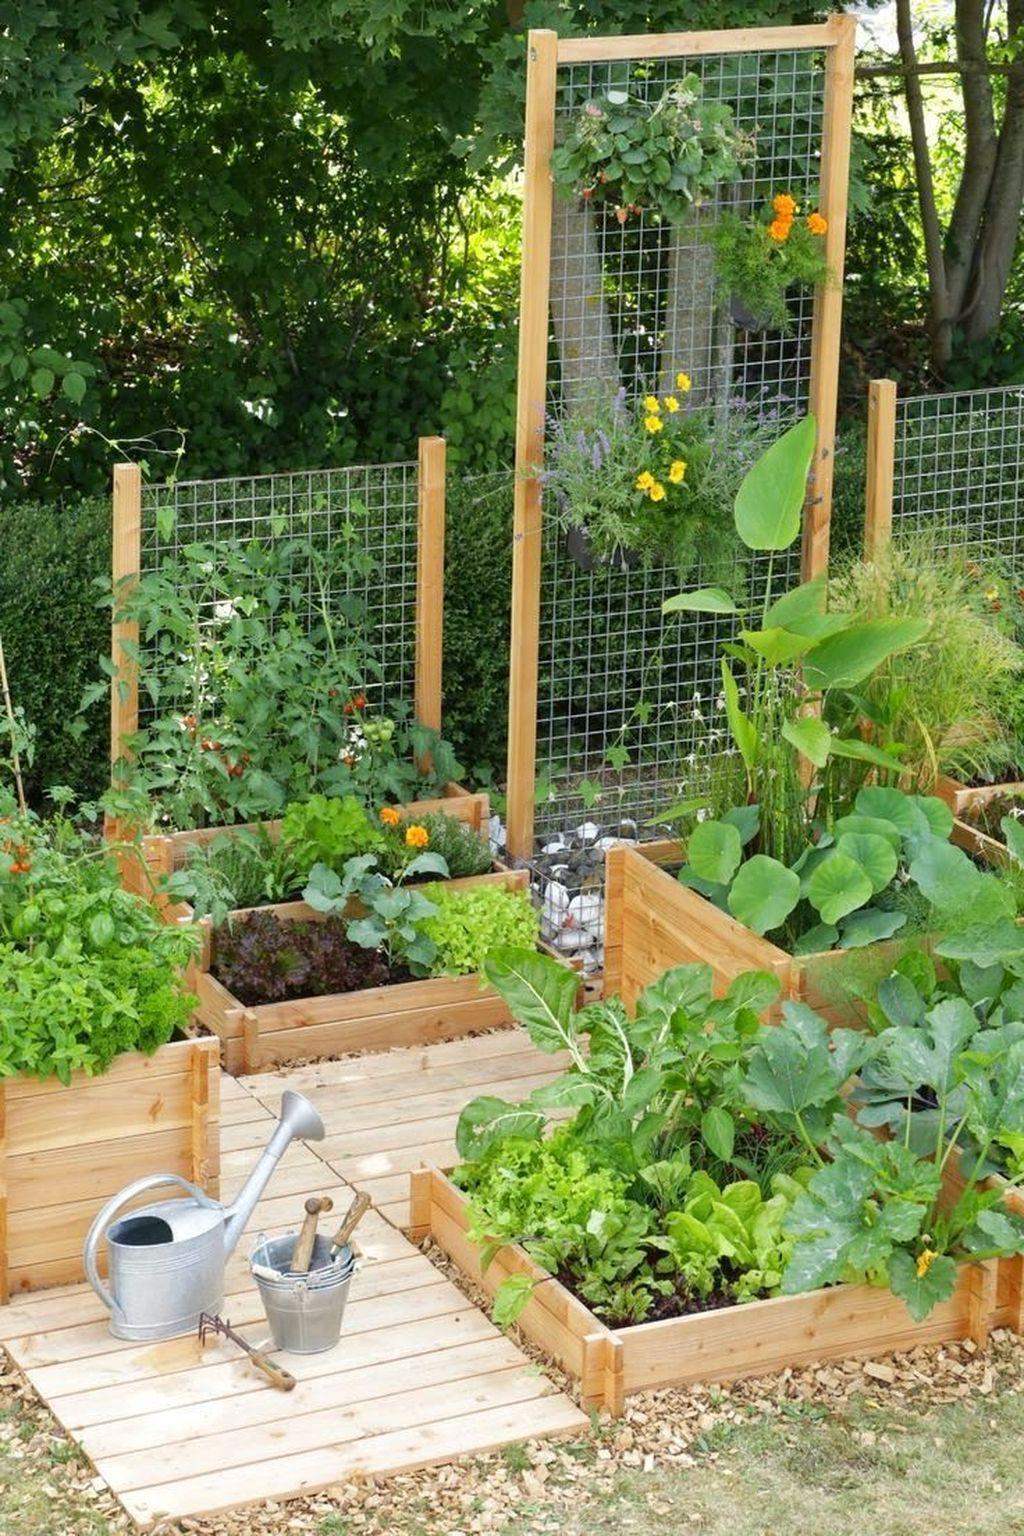 12 Backyard Vegetable Garden Ideas Most Of The Creative As Well As Beautiful Too Diy Garden Trellis Small Garden Design Cute Garden Ideas